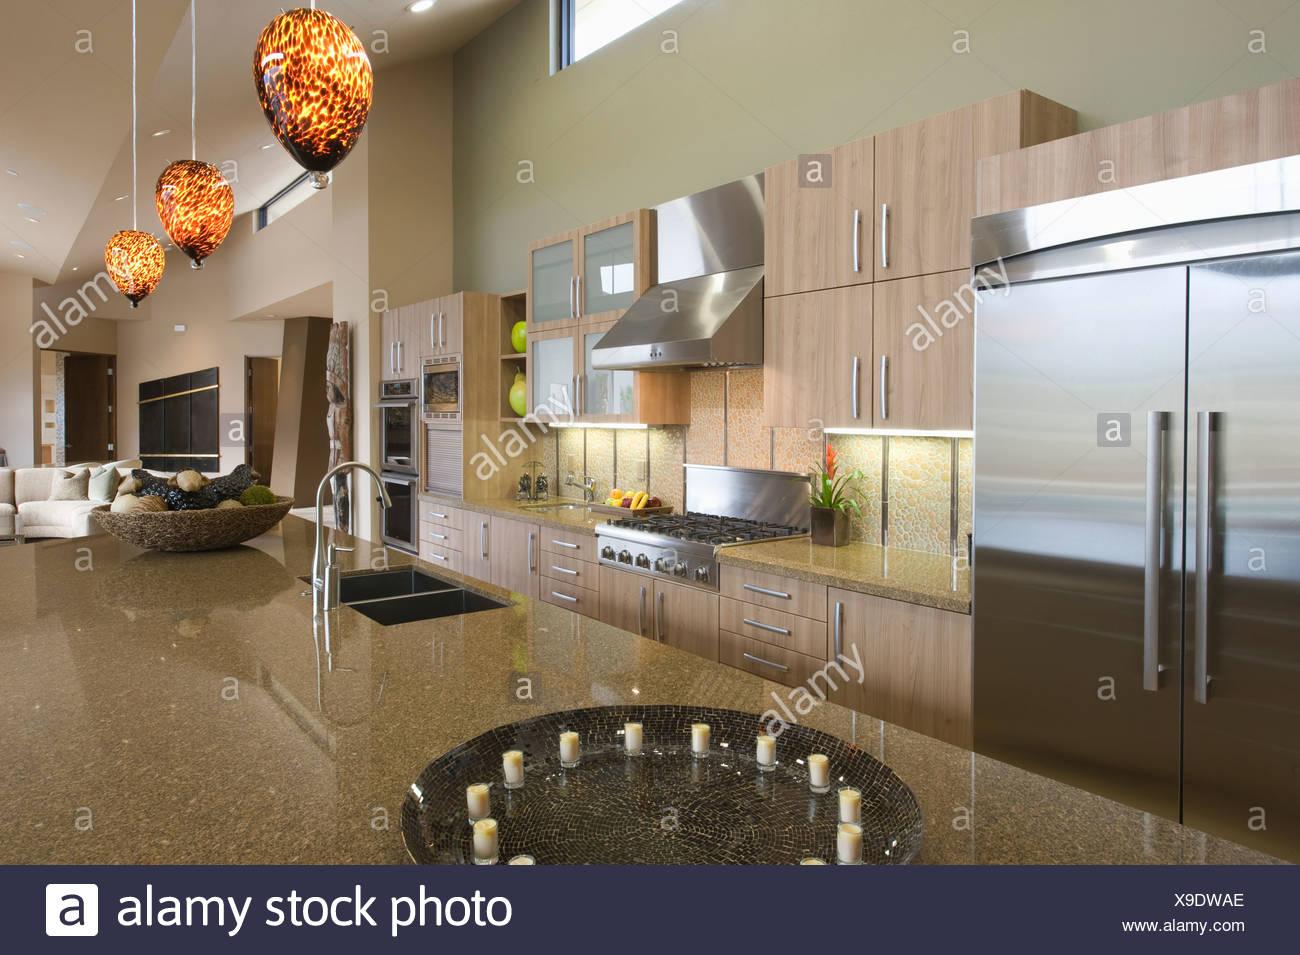 Ausgezeichnet Werkstatt Küche Palm Springs Zeitgenössisch - Ideen ...